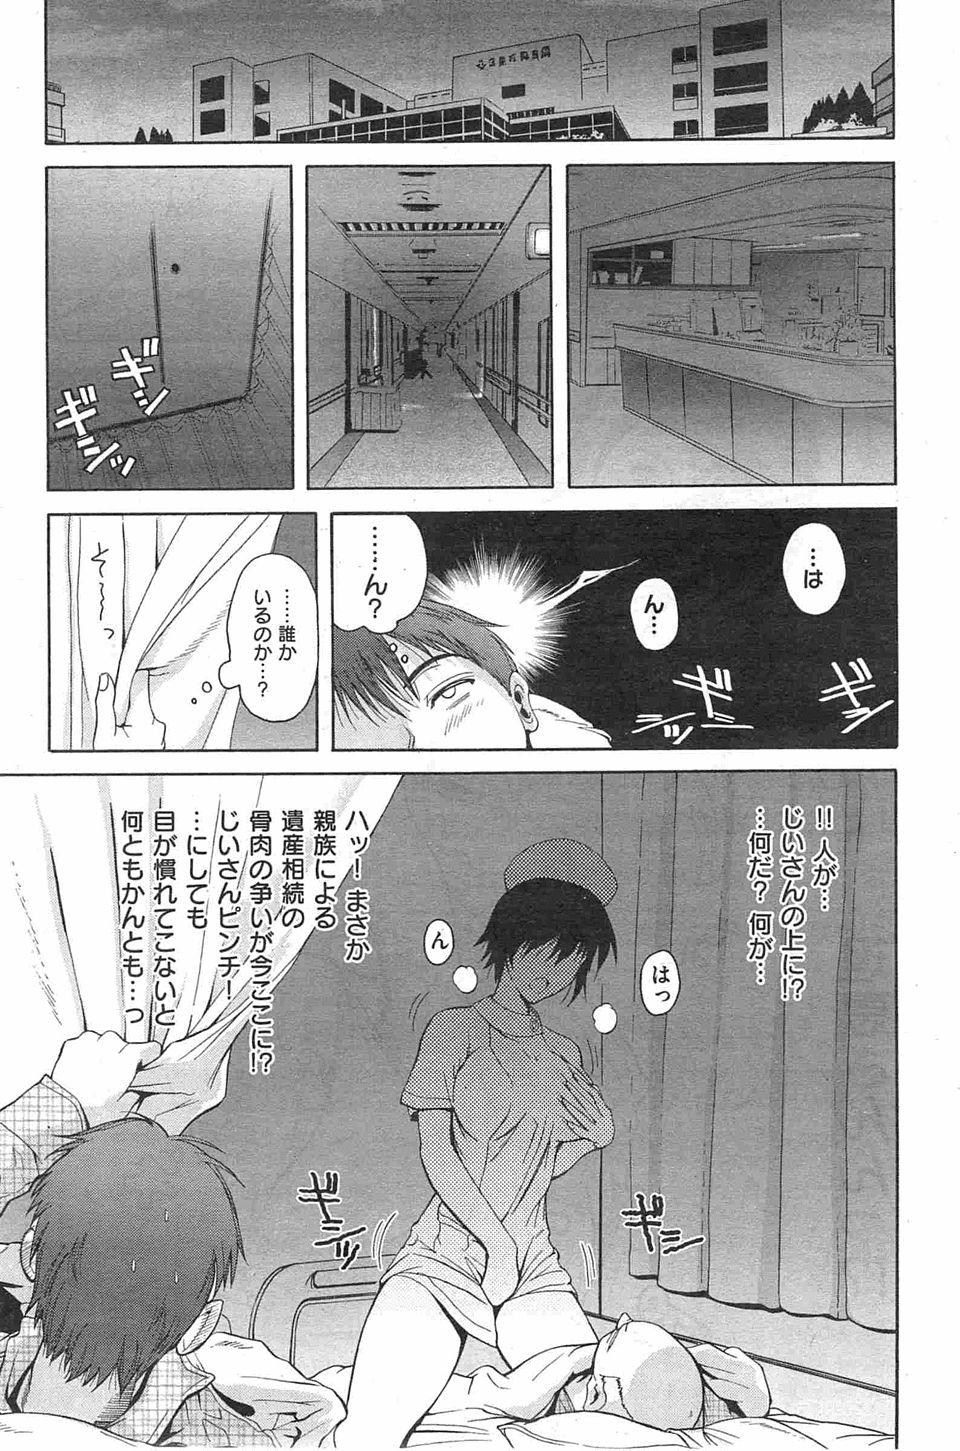 【エロ漫画・エロ同人】巨乳ナースが夜中に患者のお爺ちゃんにまたがってオナニーしてるwww (3)